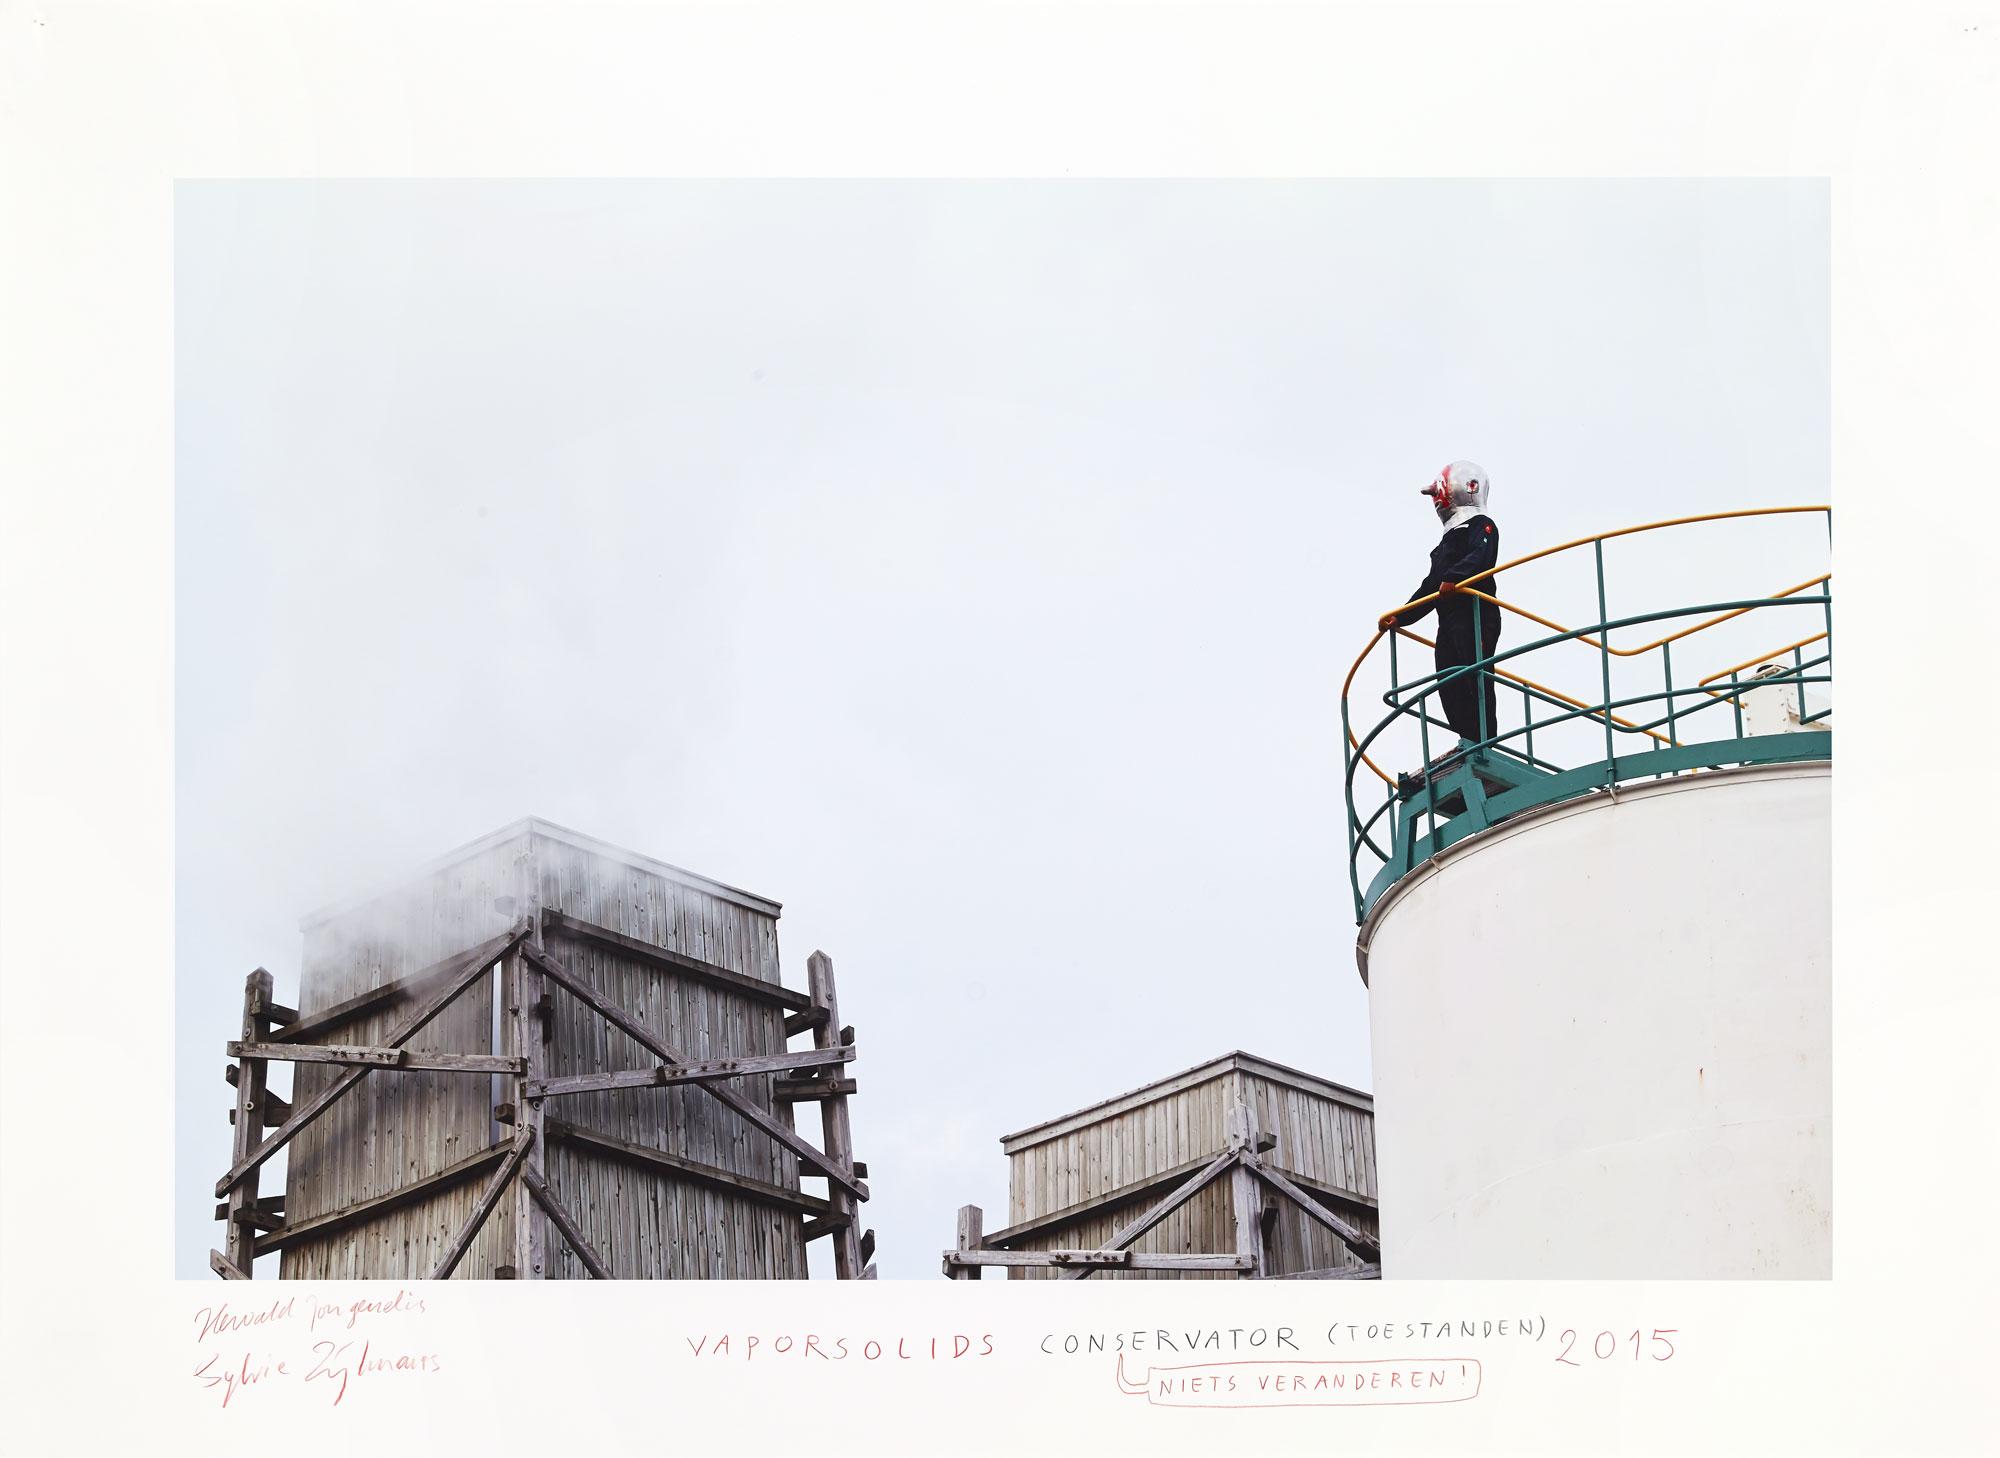 MAGNO_WORKS_33_VAPORSOLIDS-DE-CONSERVATOR